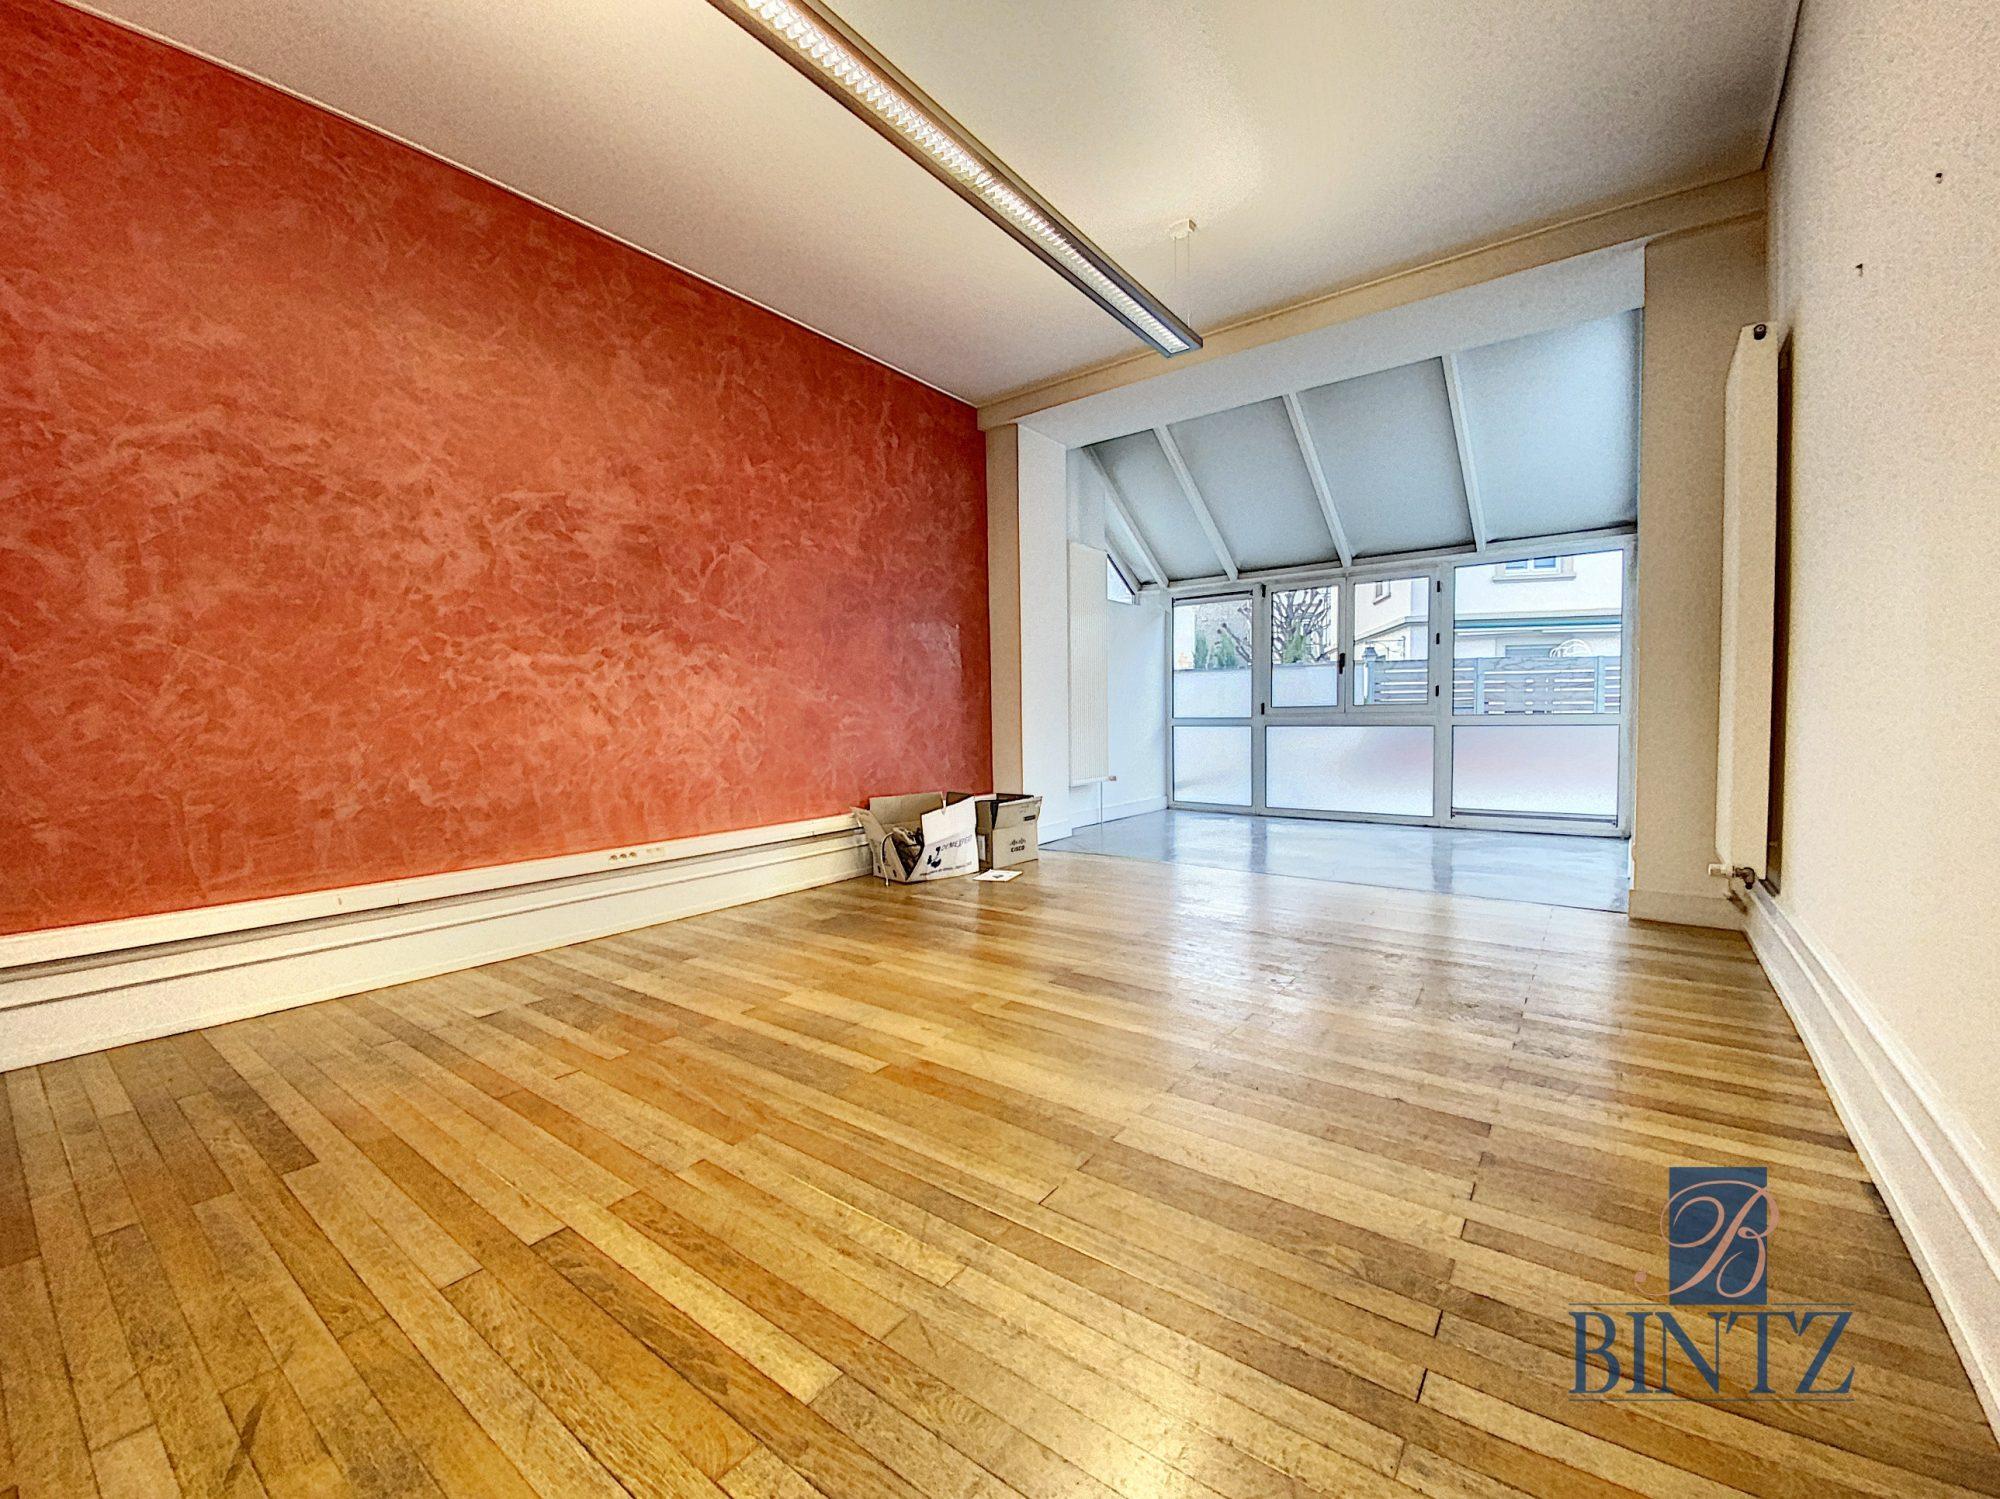 Immeuble de bureaux à louer - Devenez locataire en toute sérénité - Bintz Immobilier - 4